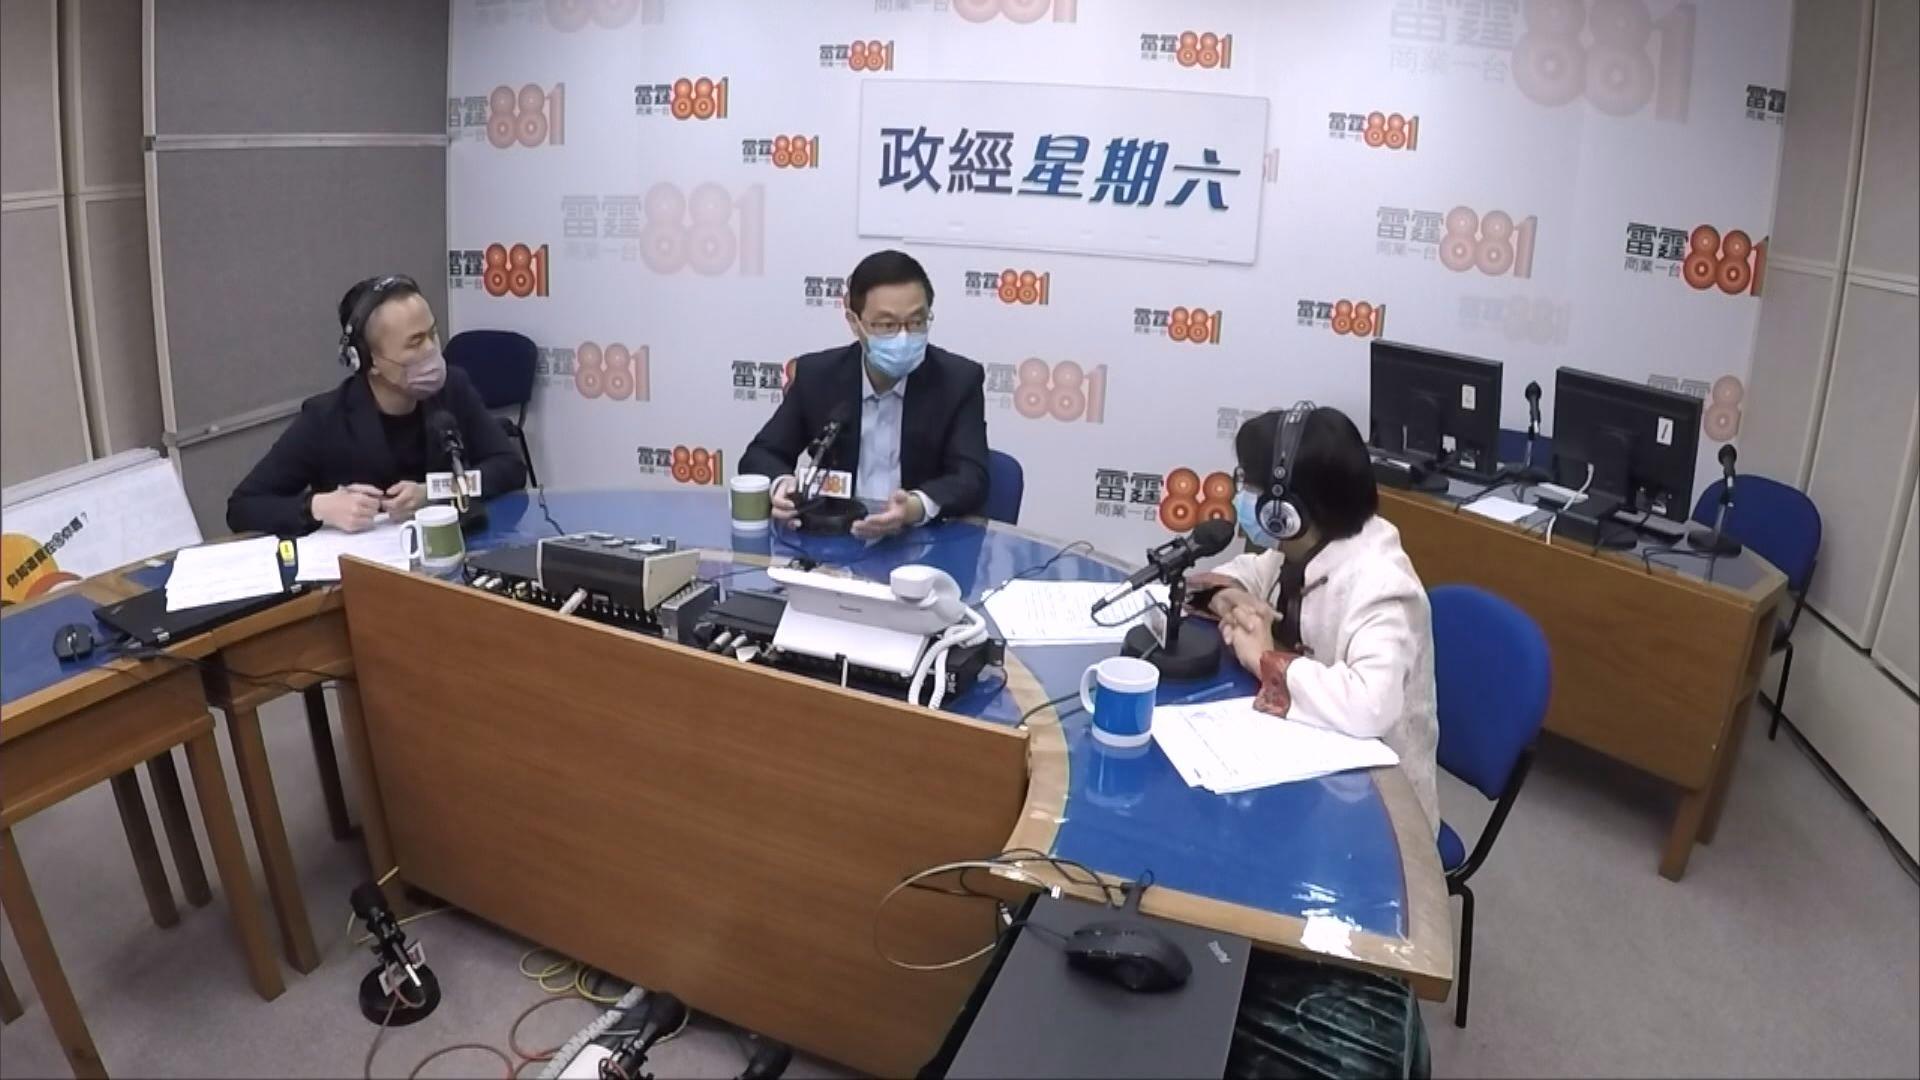 楊潤雄:目前已有200間中學申請恢復全日面授課